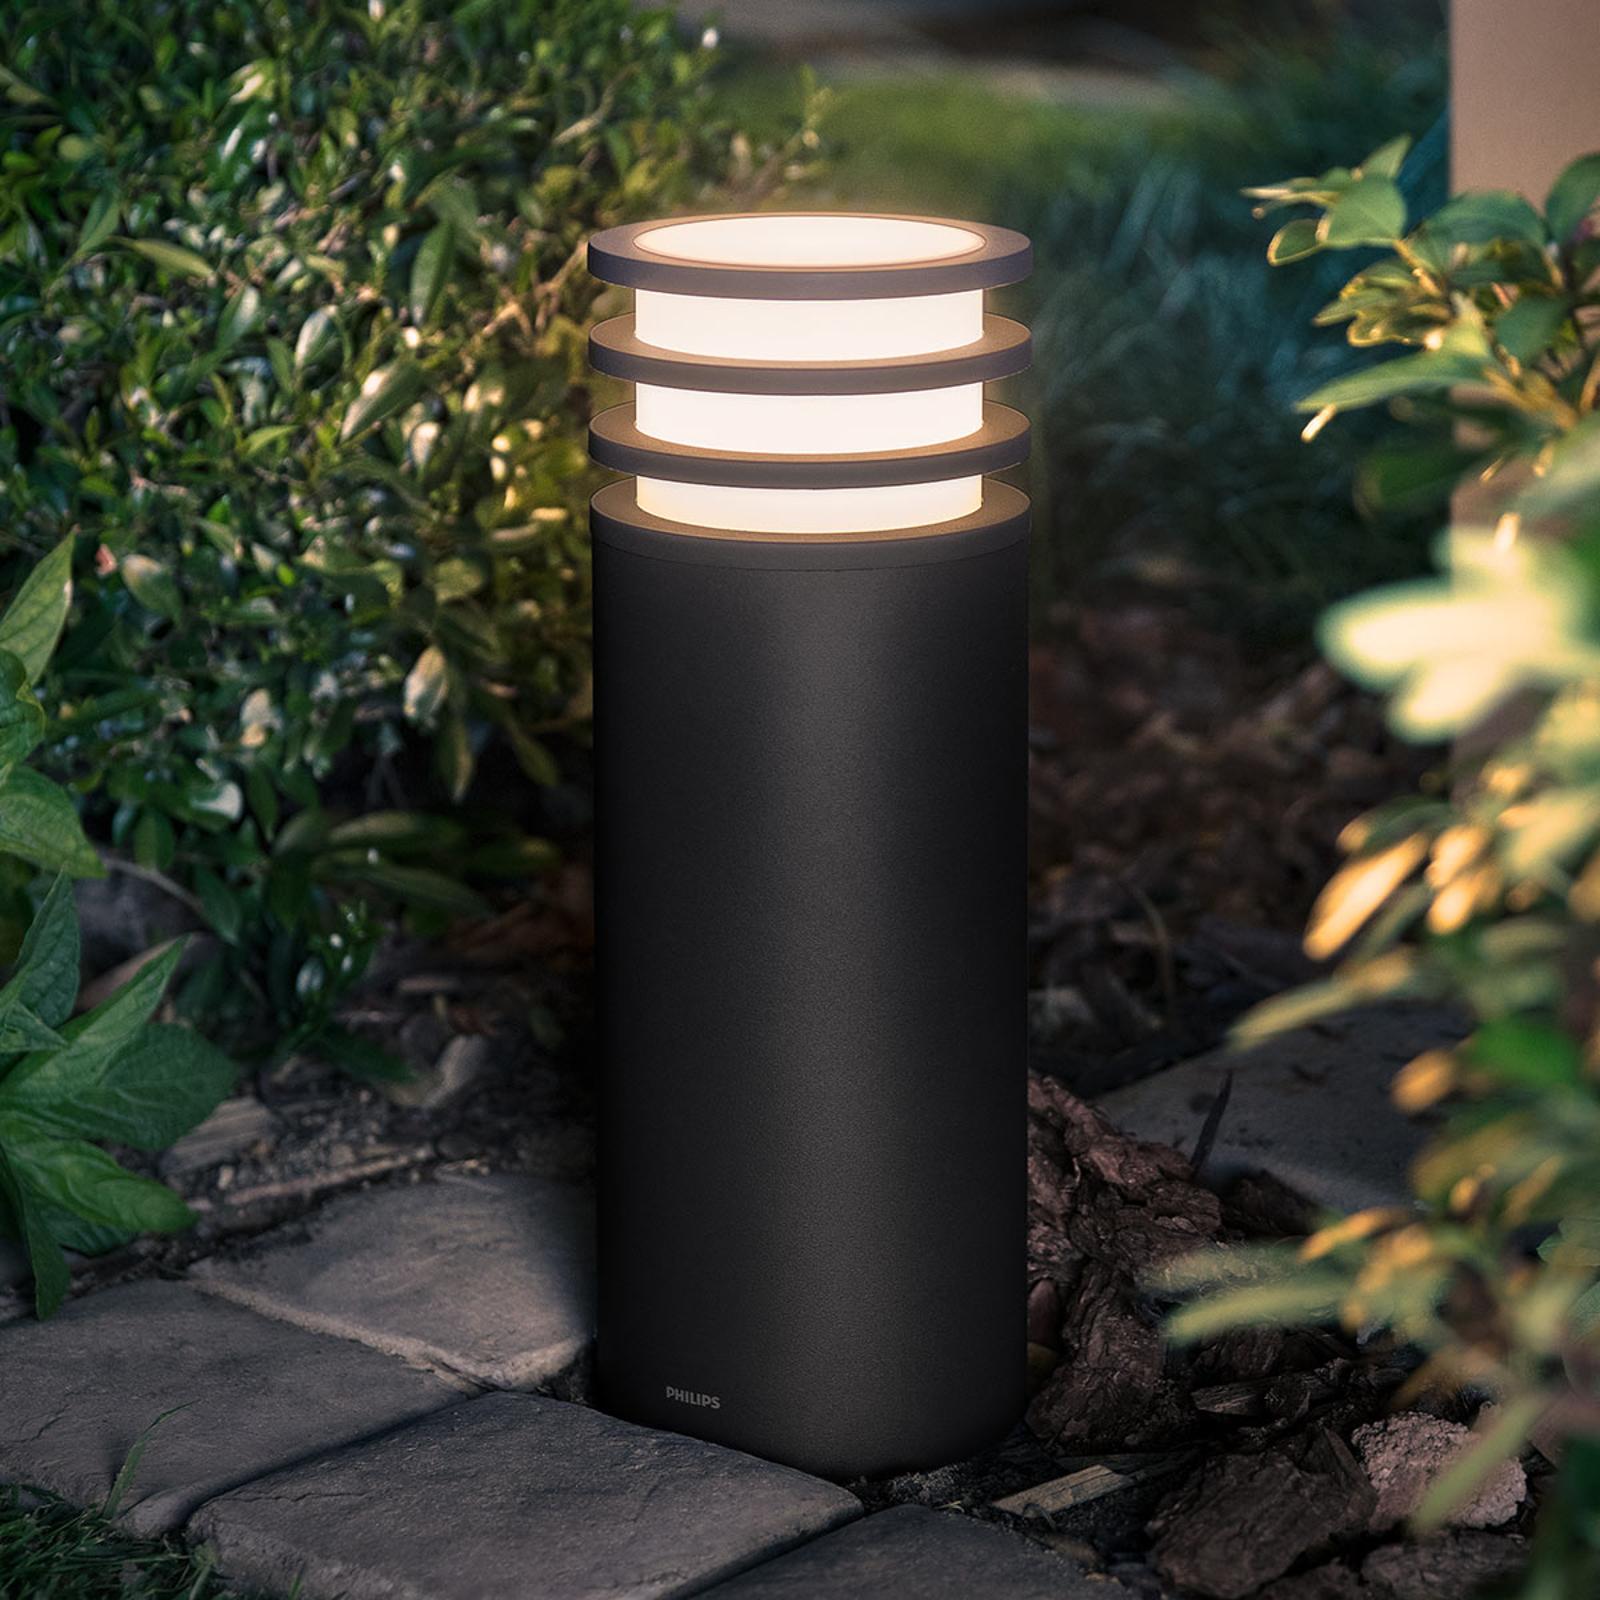 Philips Hue LED sokkellampe Lucca app styret